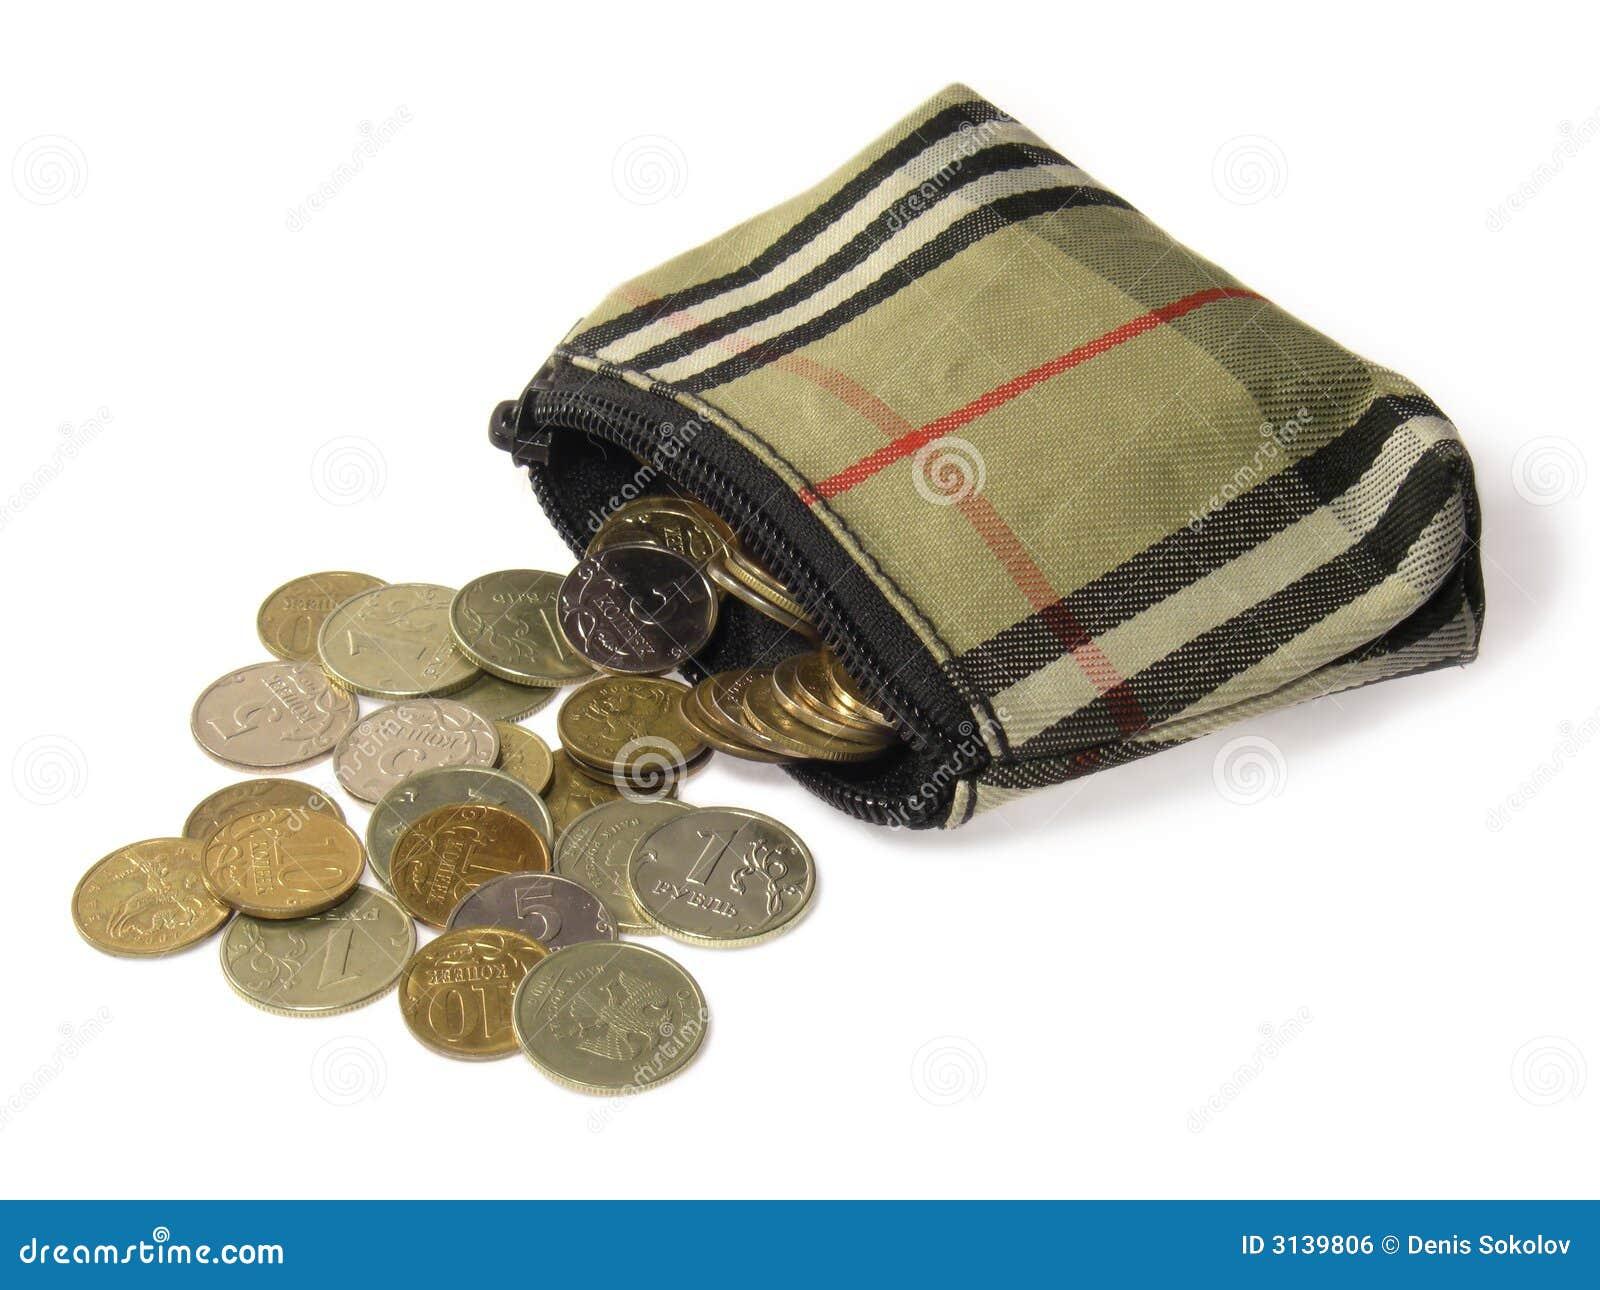 Mappe Und Münzen Stockfoto Bild Von Finanzen Kauf Roubles 3139806